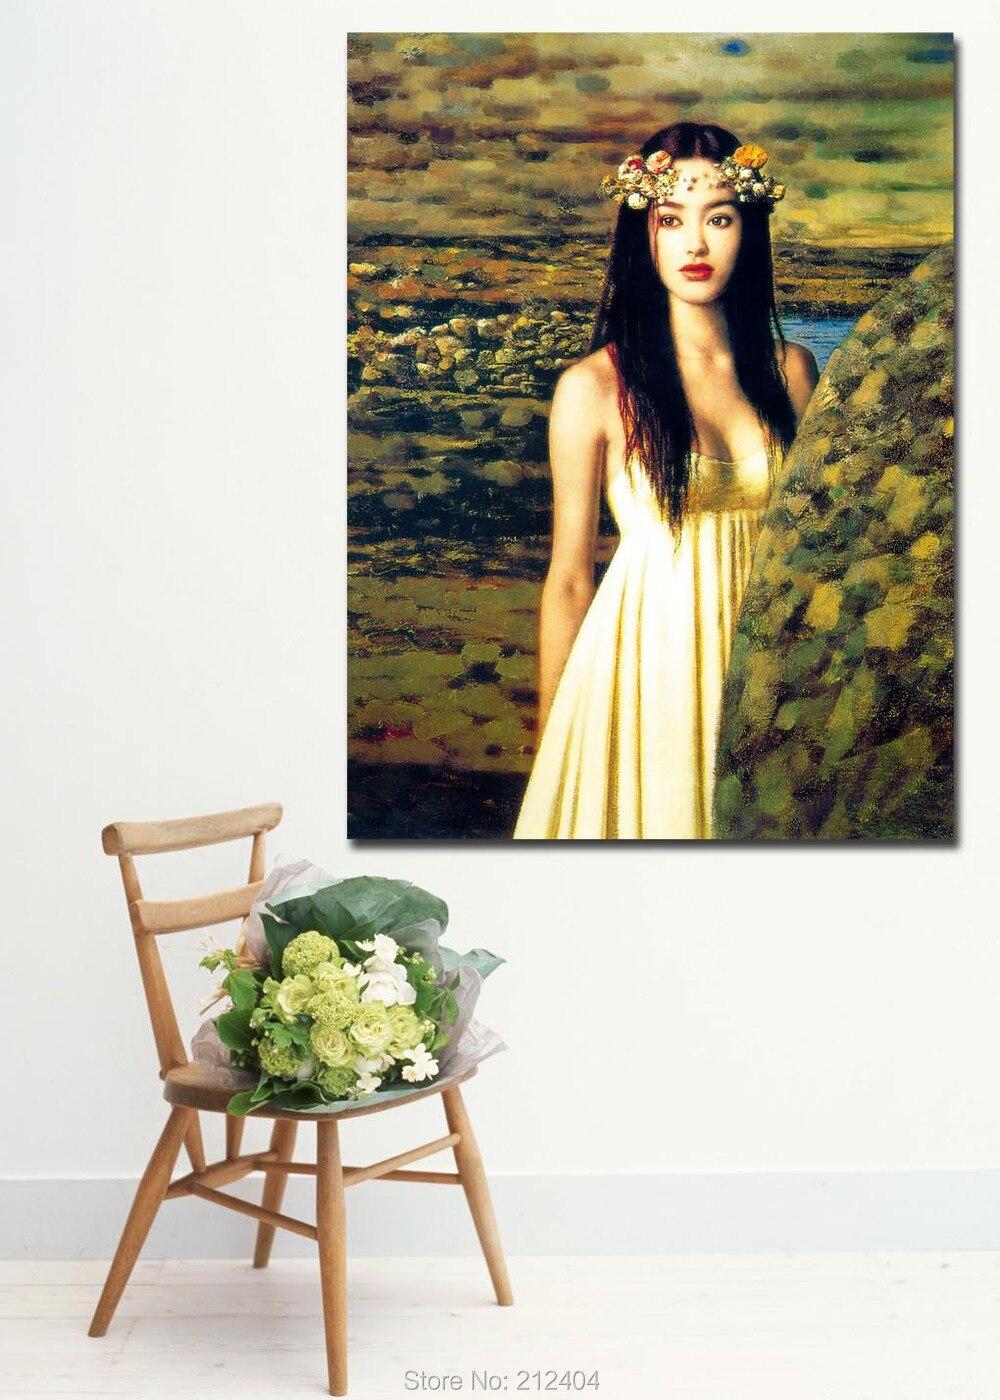 Regalo chica China en campos verde-el arte de cuerpo de la pintura de aceite por China artistas impreso sobre lienzo arte de pared casa decoración de la pared